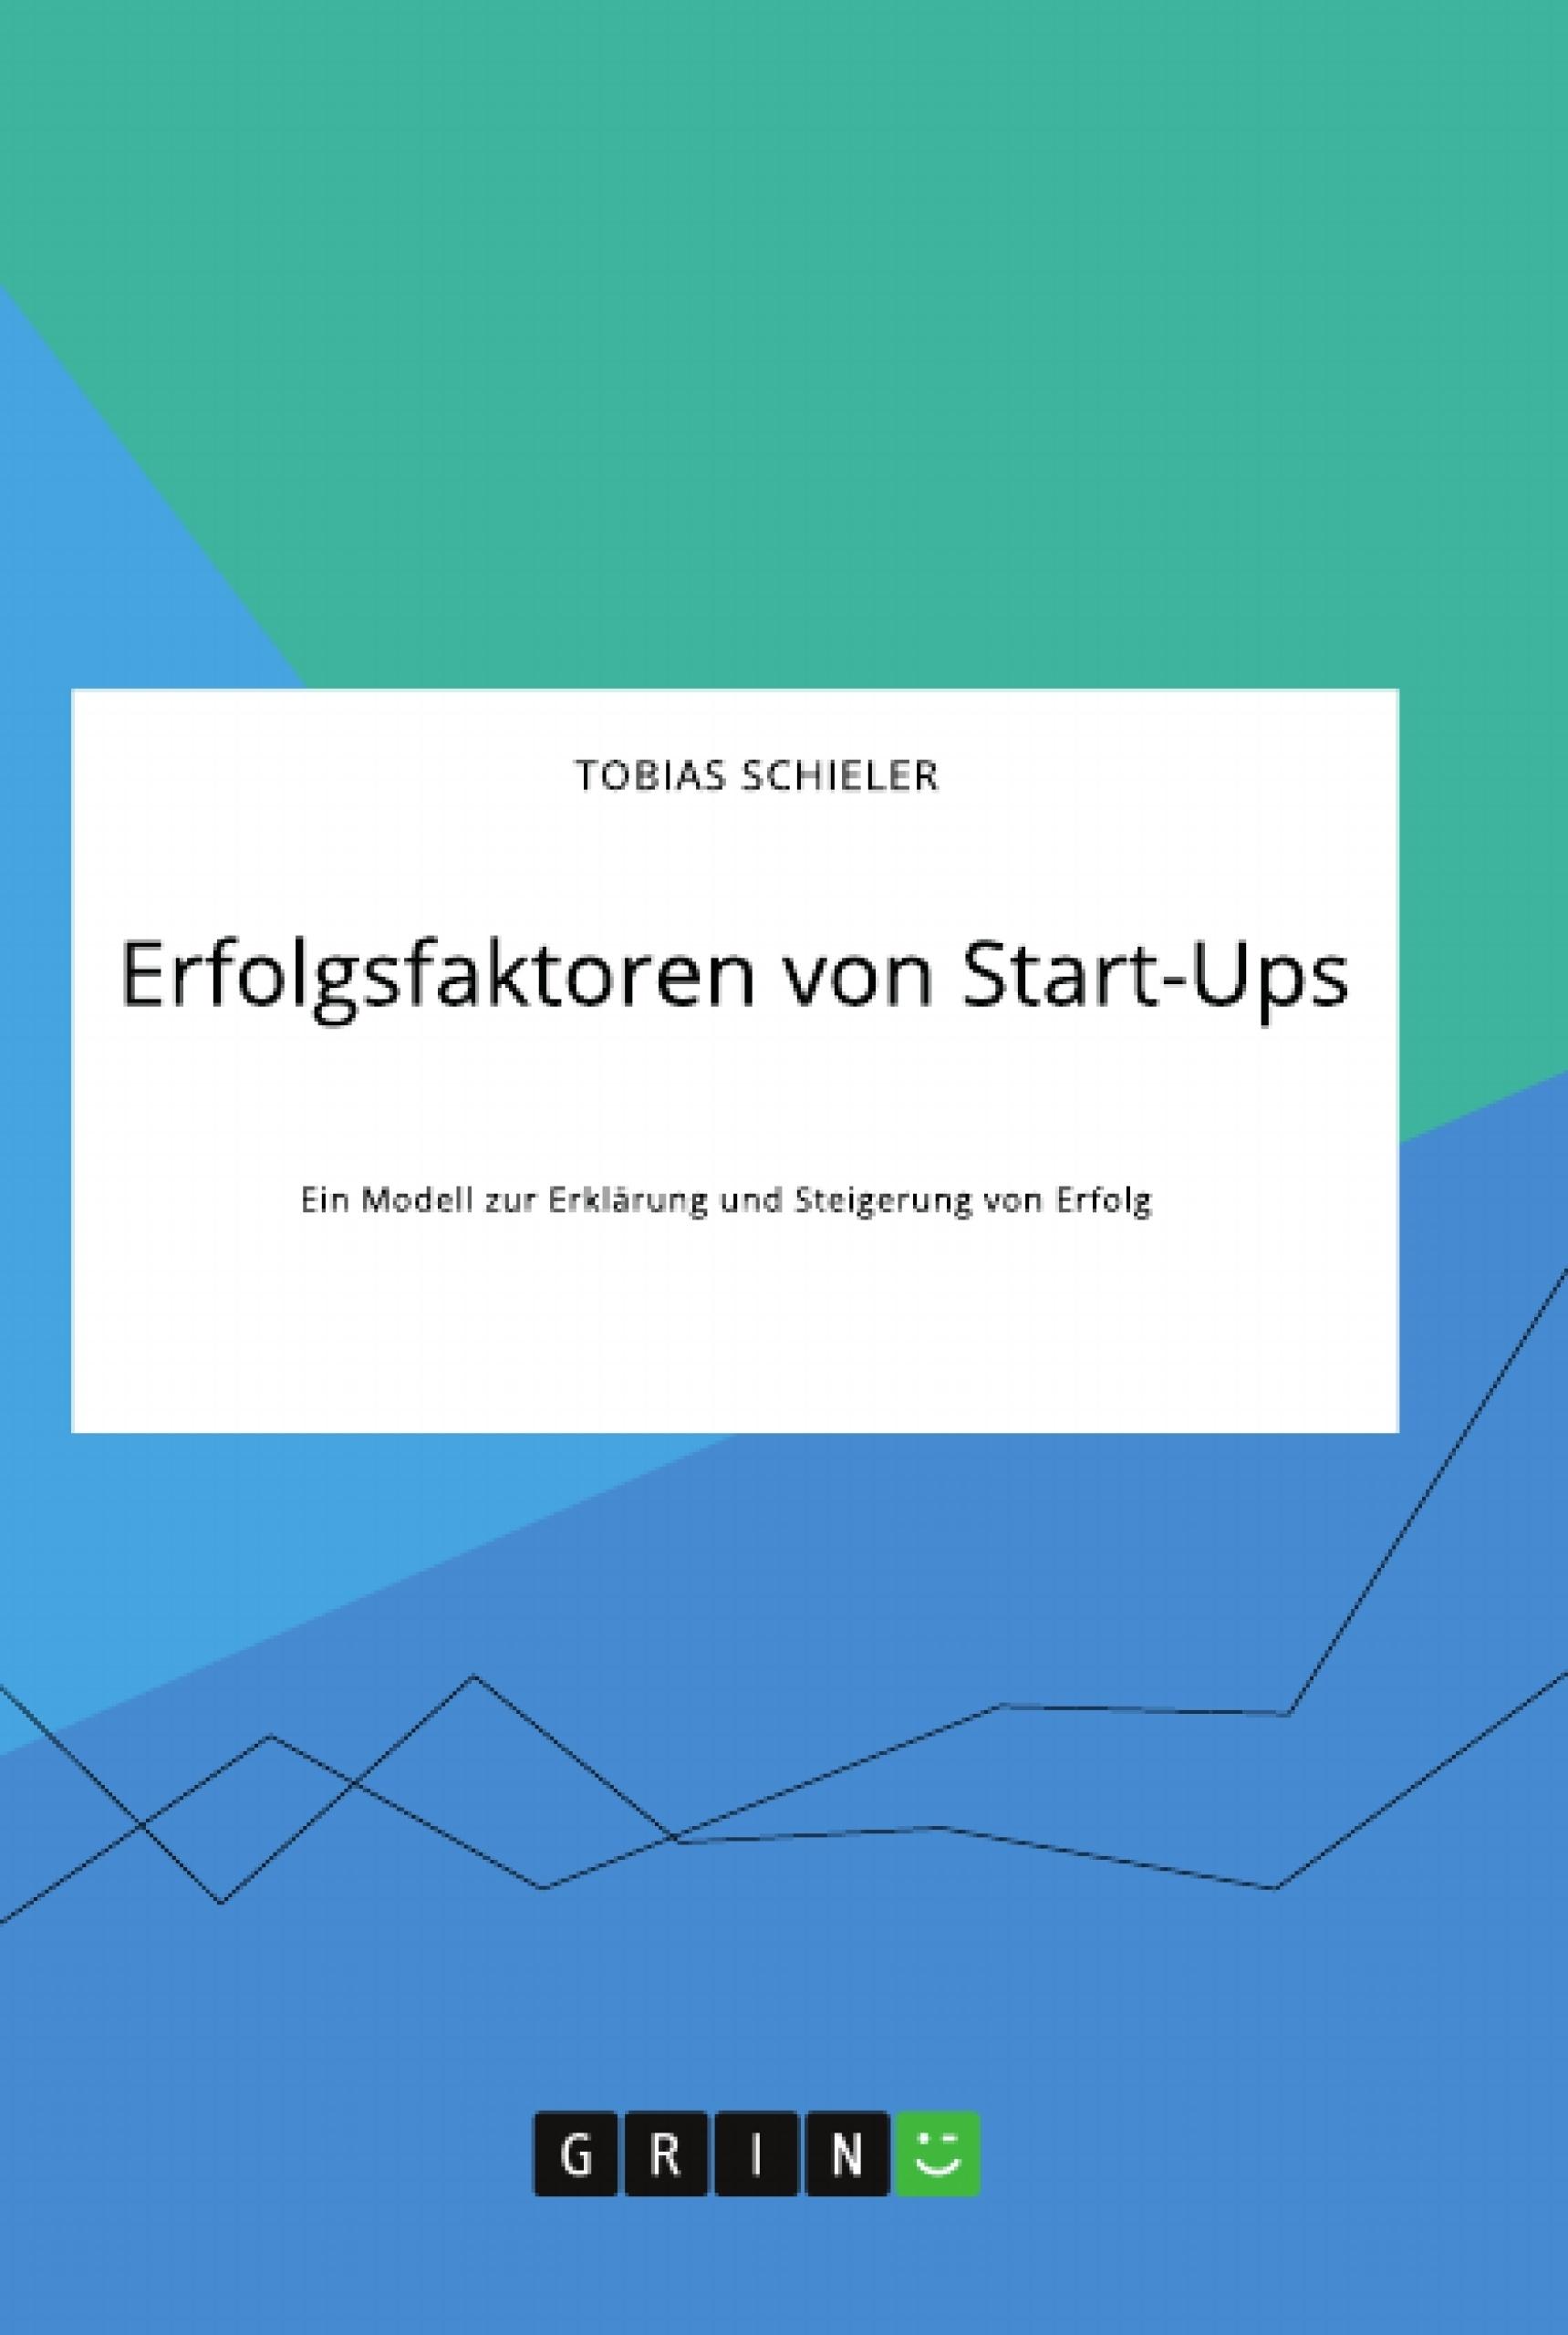 Titre: Erfolgsfaktoren von Start-Ups. Ein Modell zur Erklärung und Steigerung von Erfolg